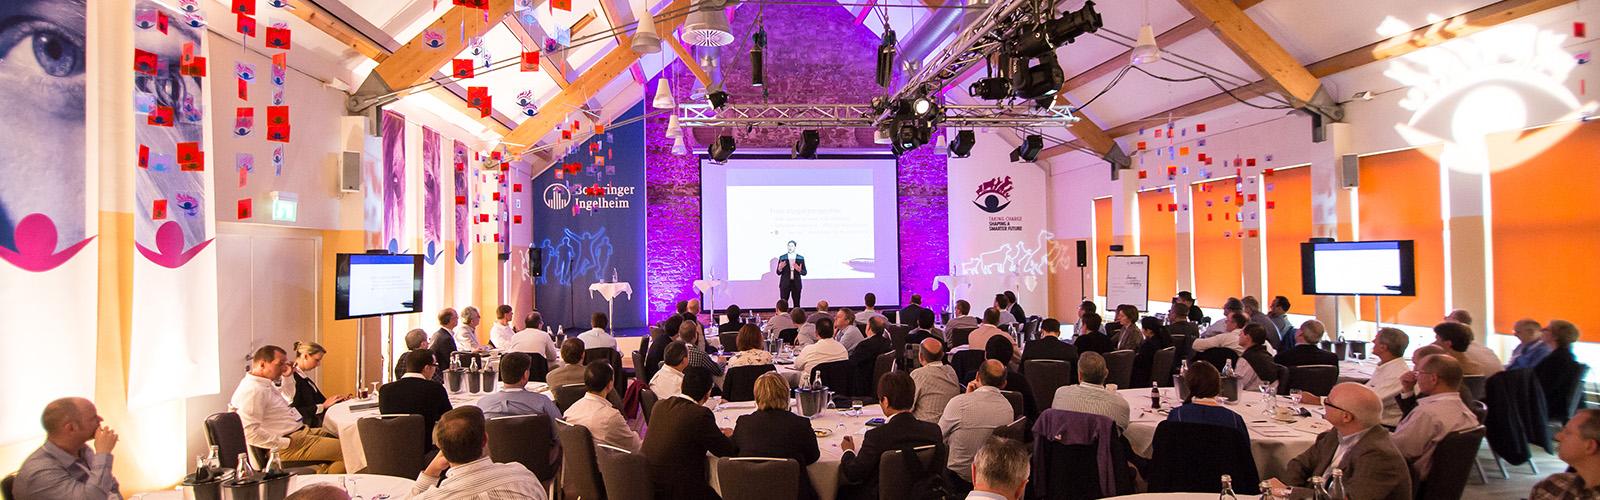 Konferenzen und Tagungen